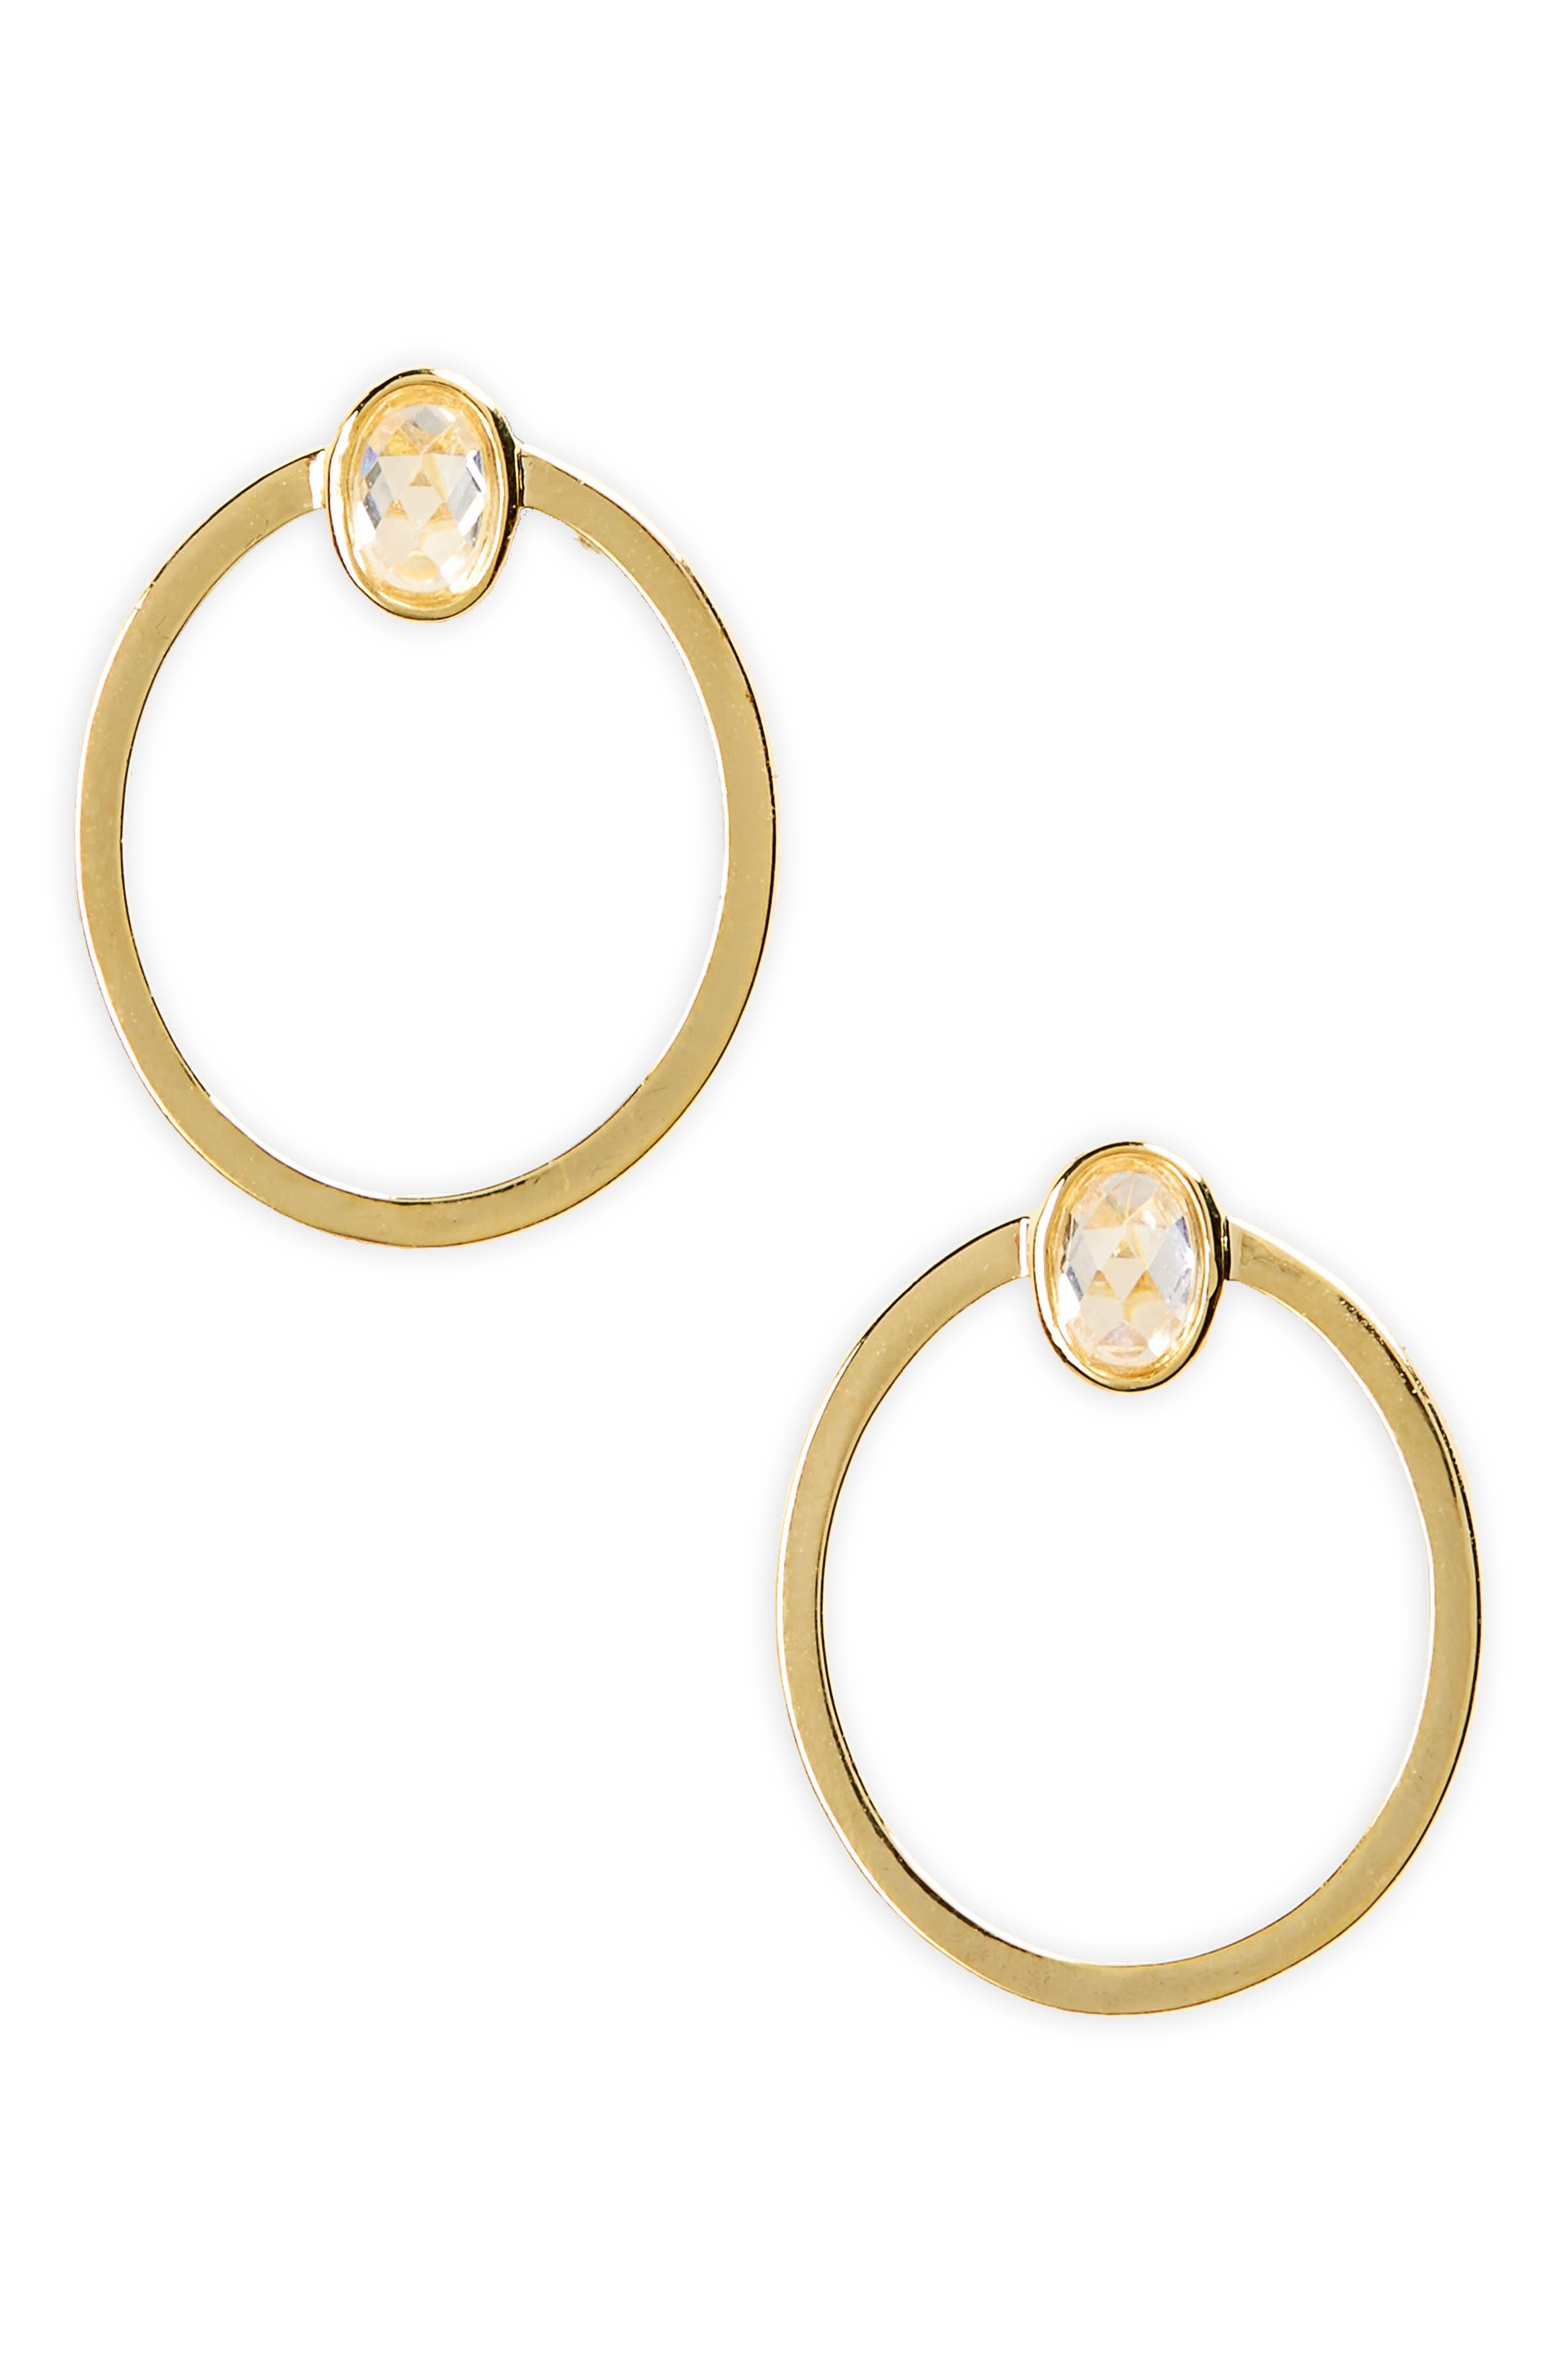 Alternate Image 1 Selected - Melinda Maria Rebecca Hoop Earrings